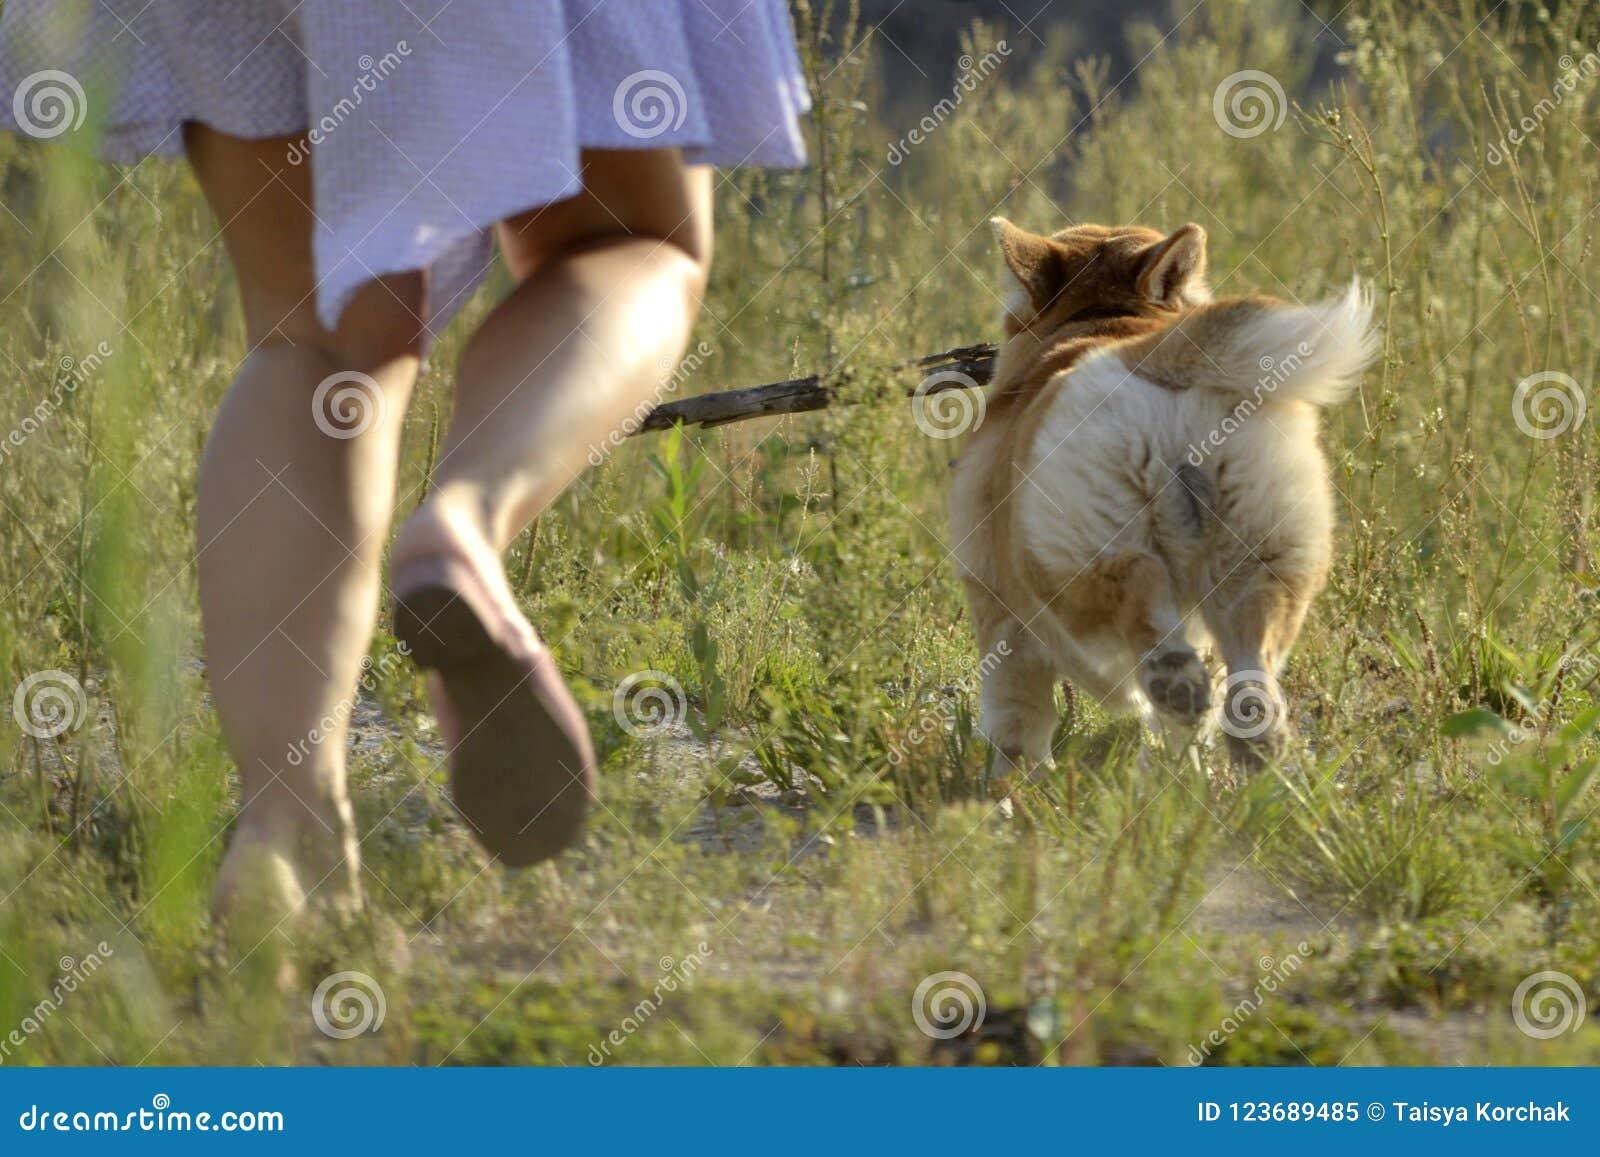 狗执行所有者的命令 小狗彭布罗克角